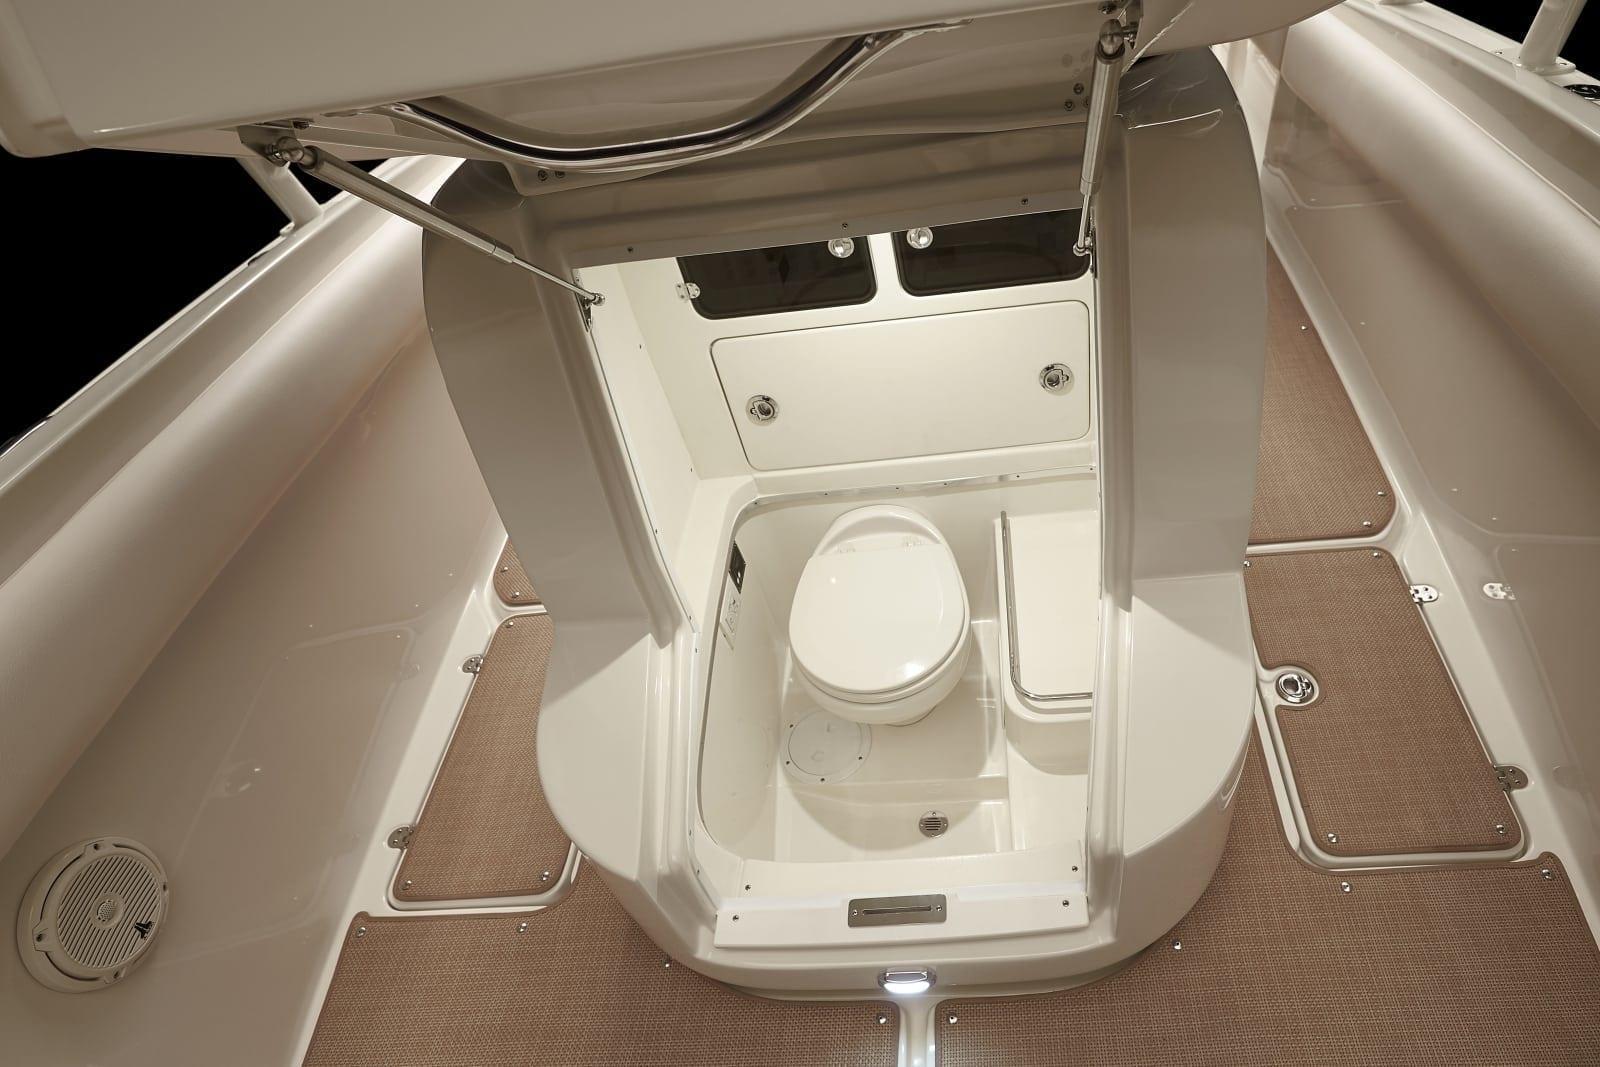 Chris Craft Catalina 26 Toilet